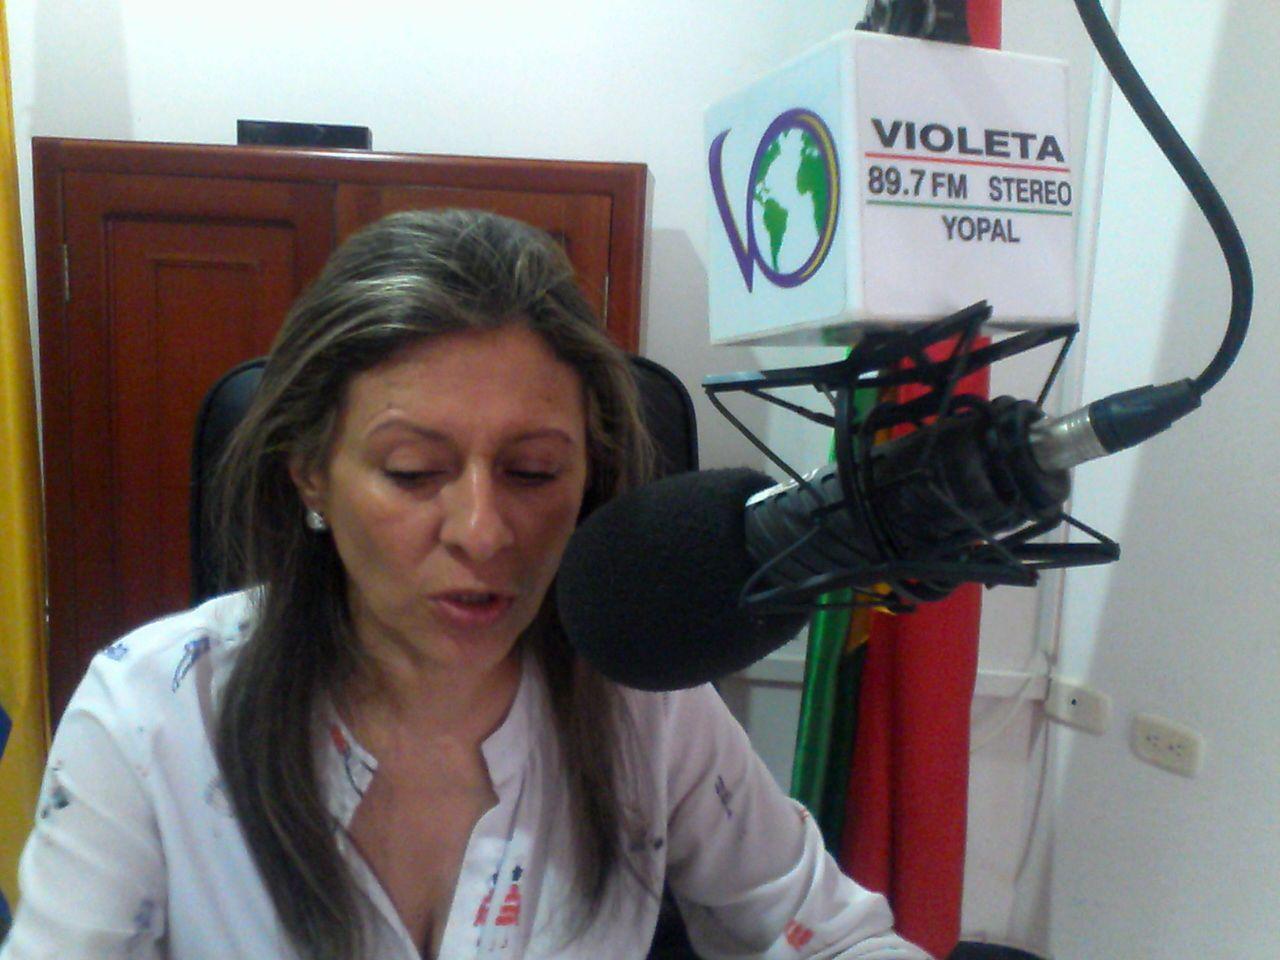 #EnAudio Mediante convenio, con una fundación, se inicia asistencia a adultos mayores por parte de Alcaldía.